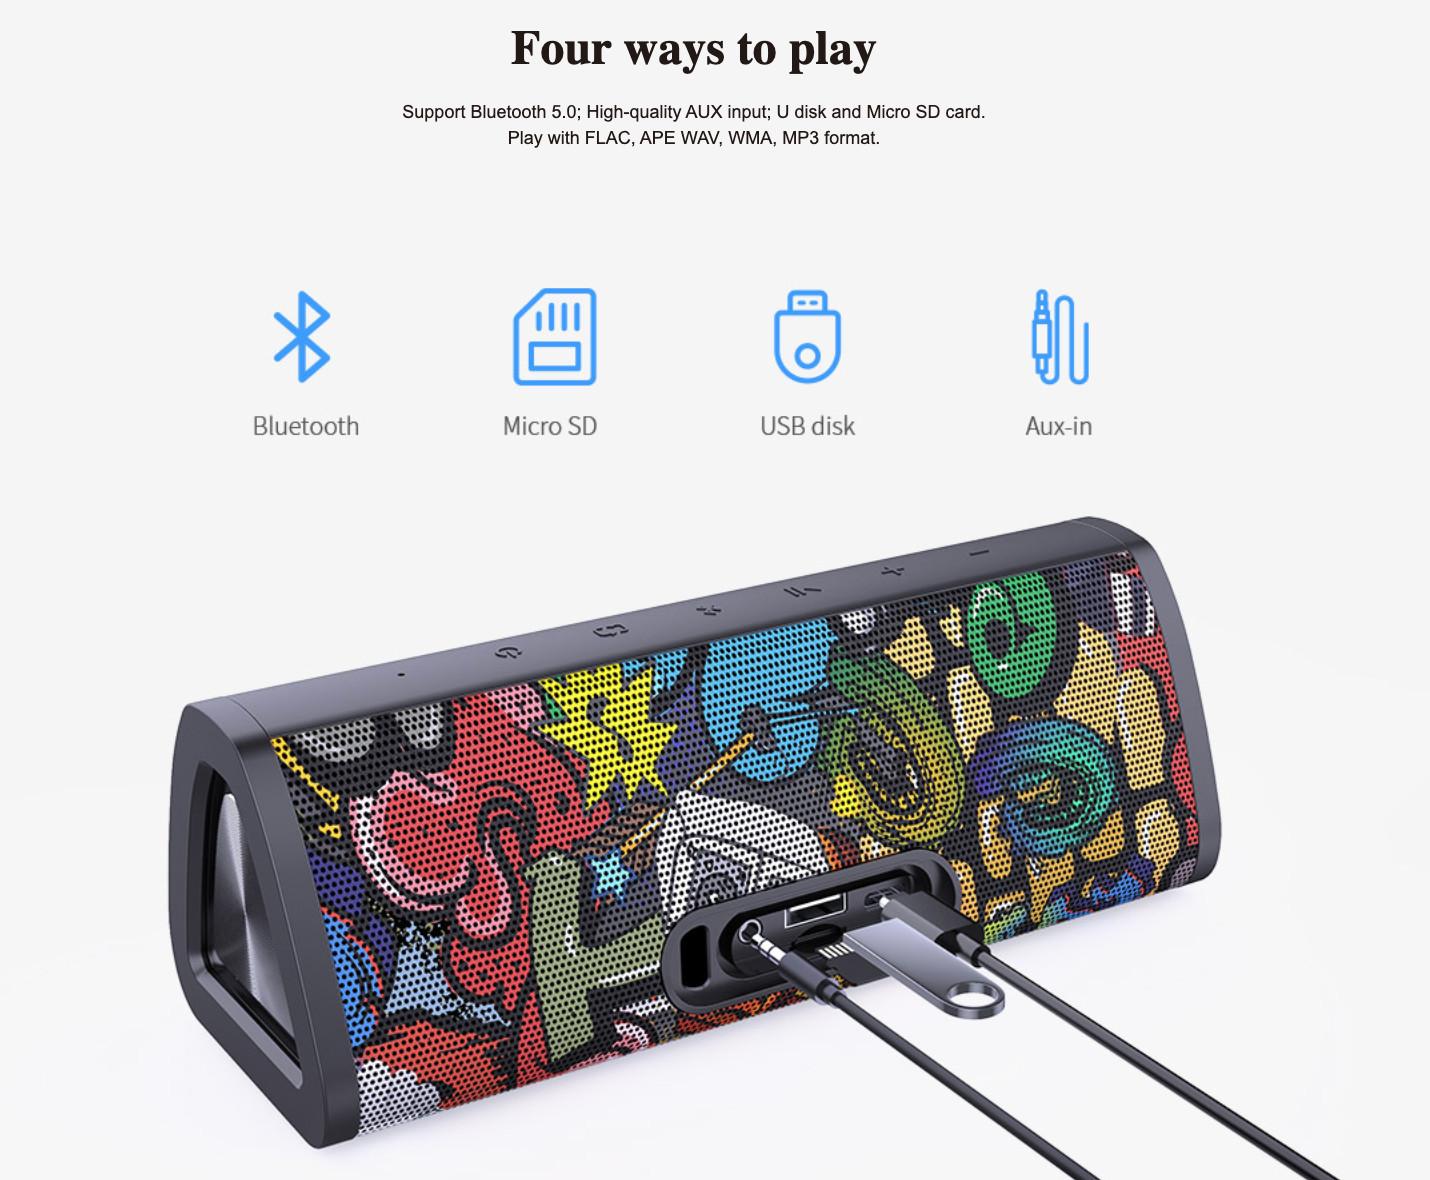 Loa Bluetooth Mifa A10+ Super Bass ( Phiên Bản Nâng Cấp MIFA A10) - Hàng Chính Hãng